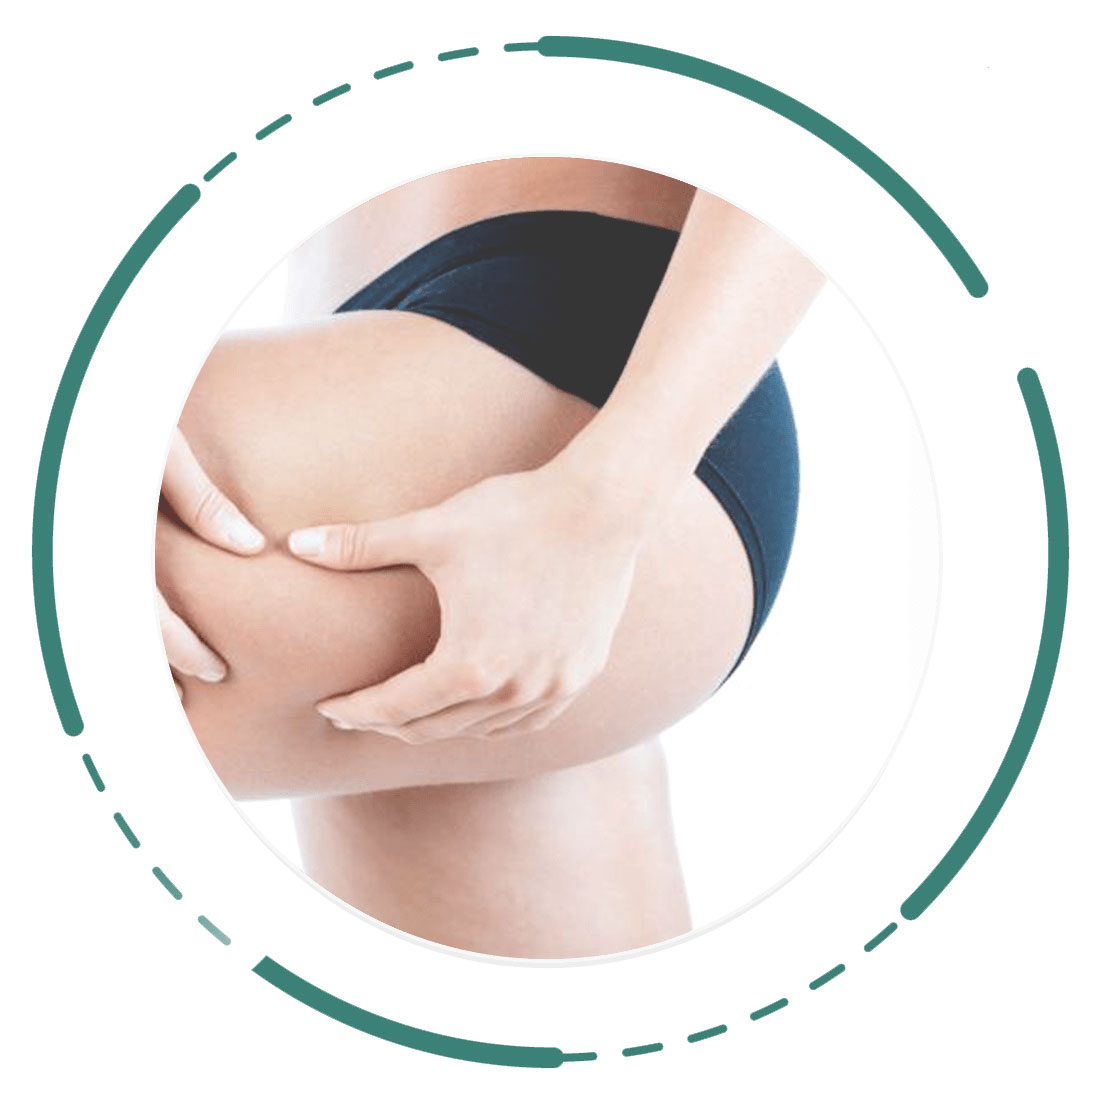 Cellulite-Reduction